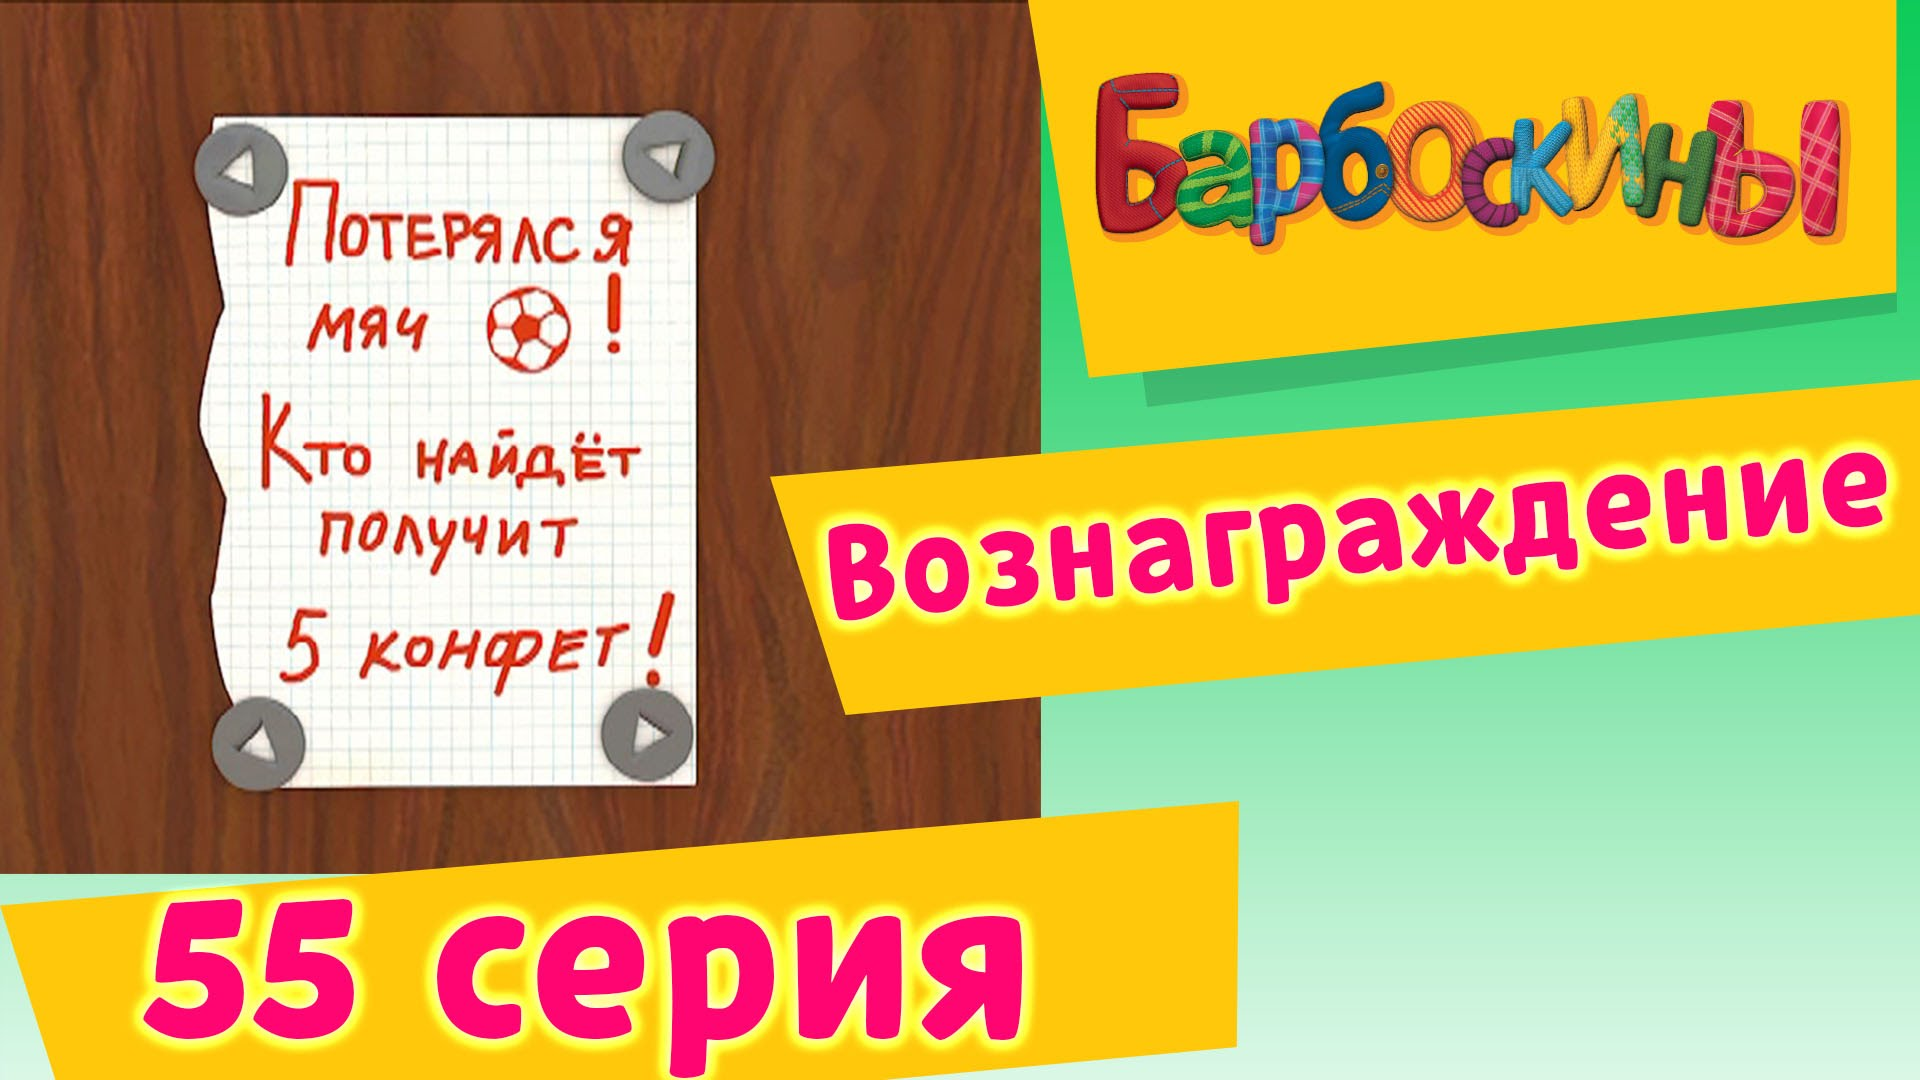 Барбоскины — 55 Серия. Вознаграждение